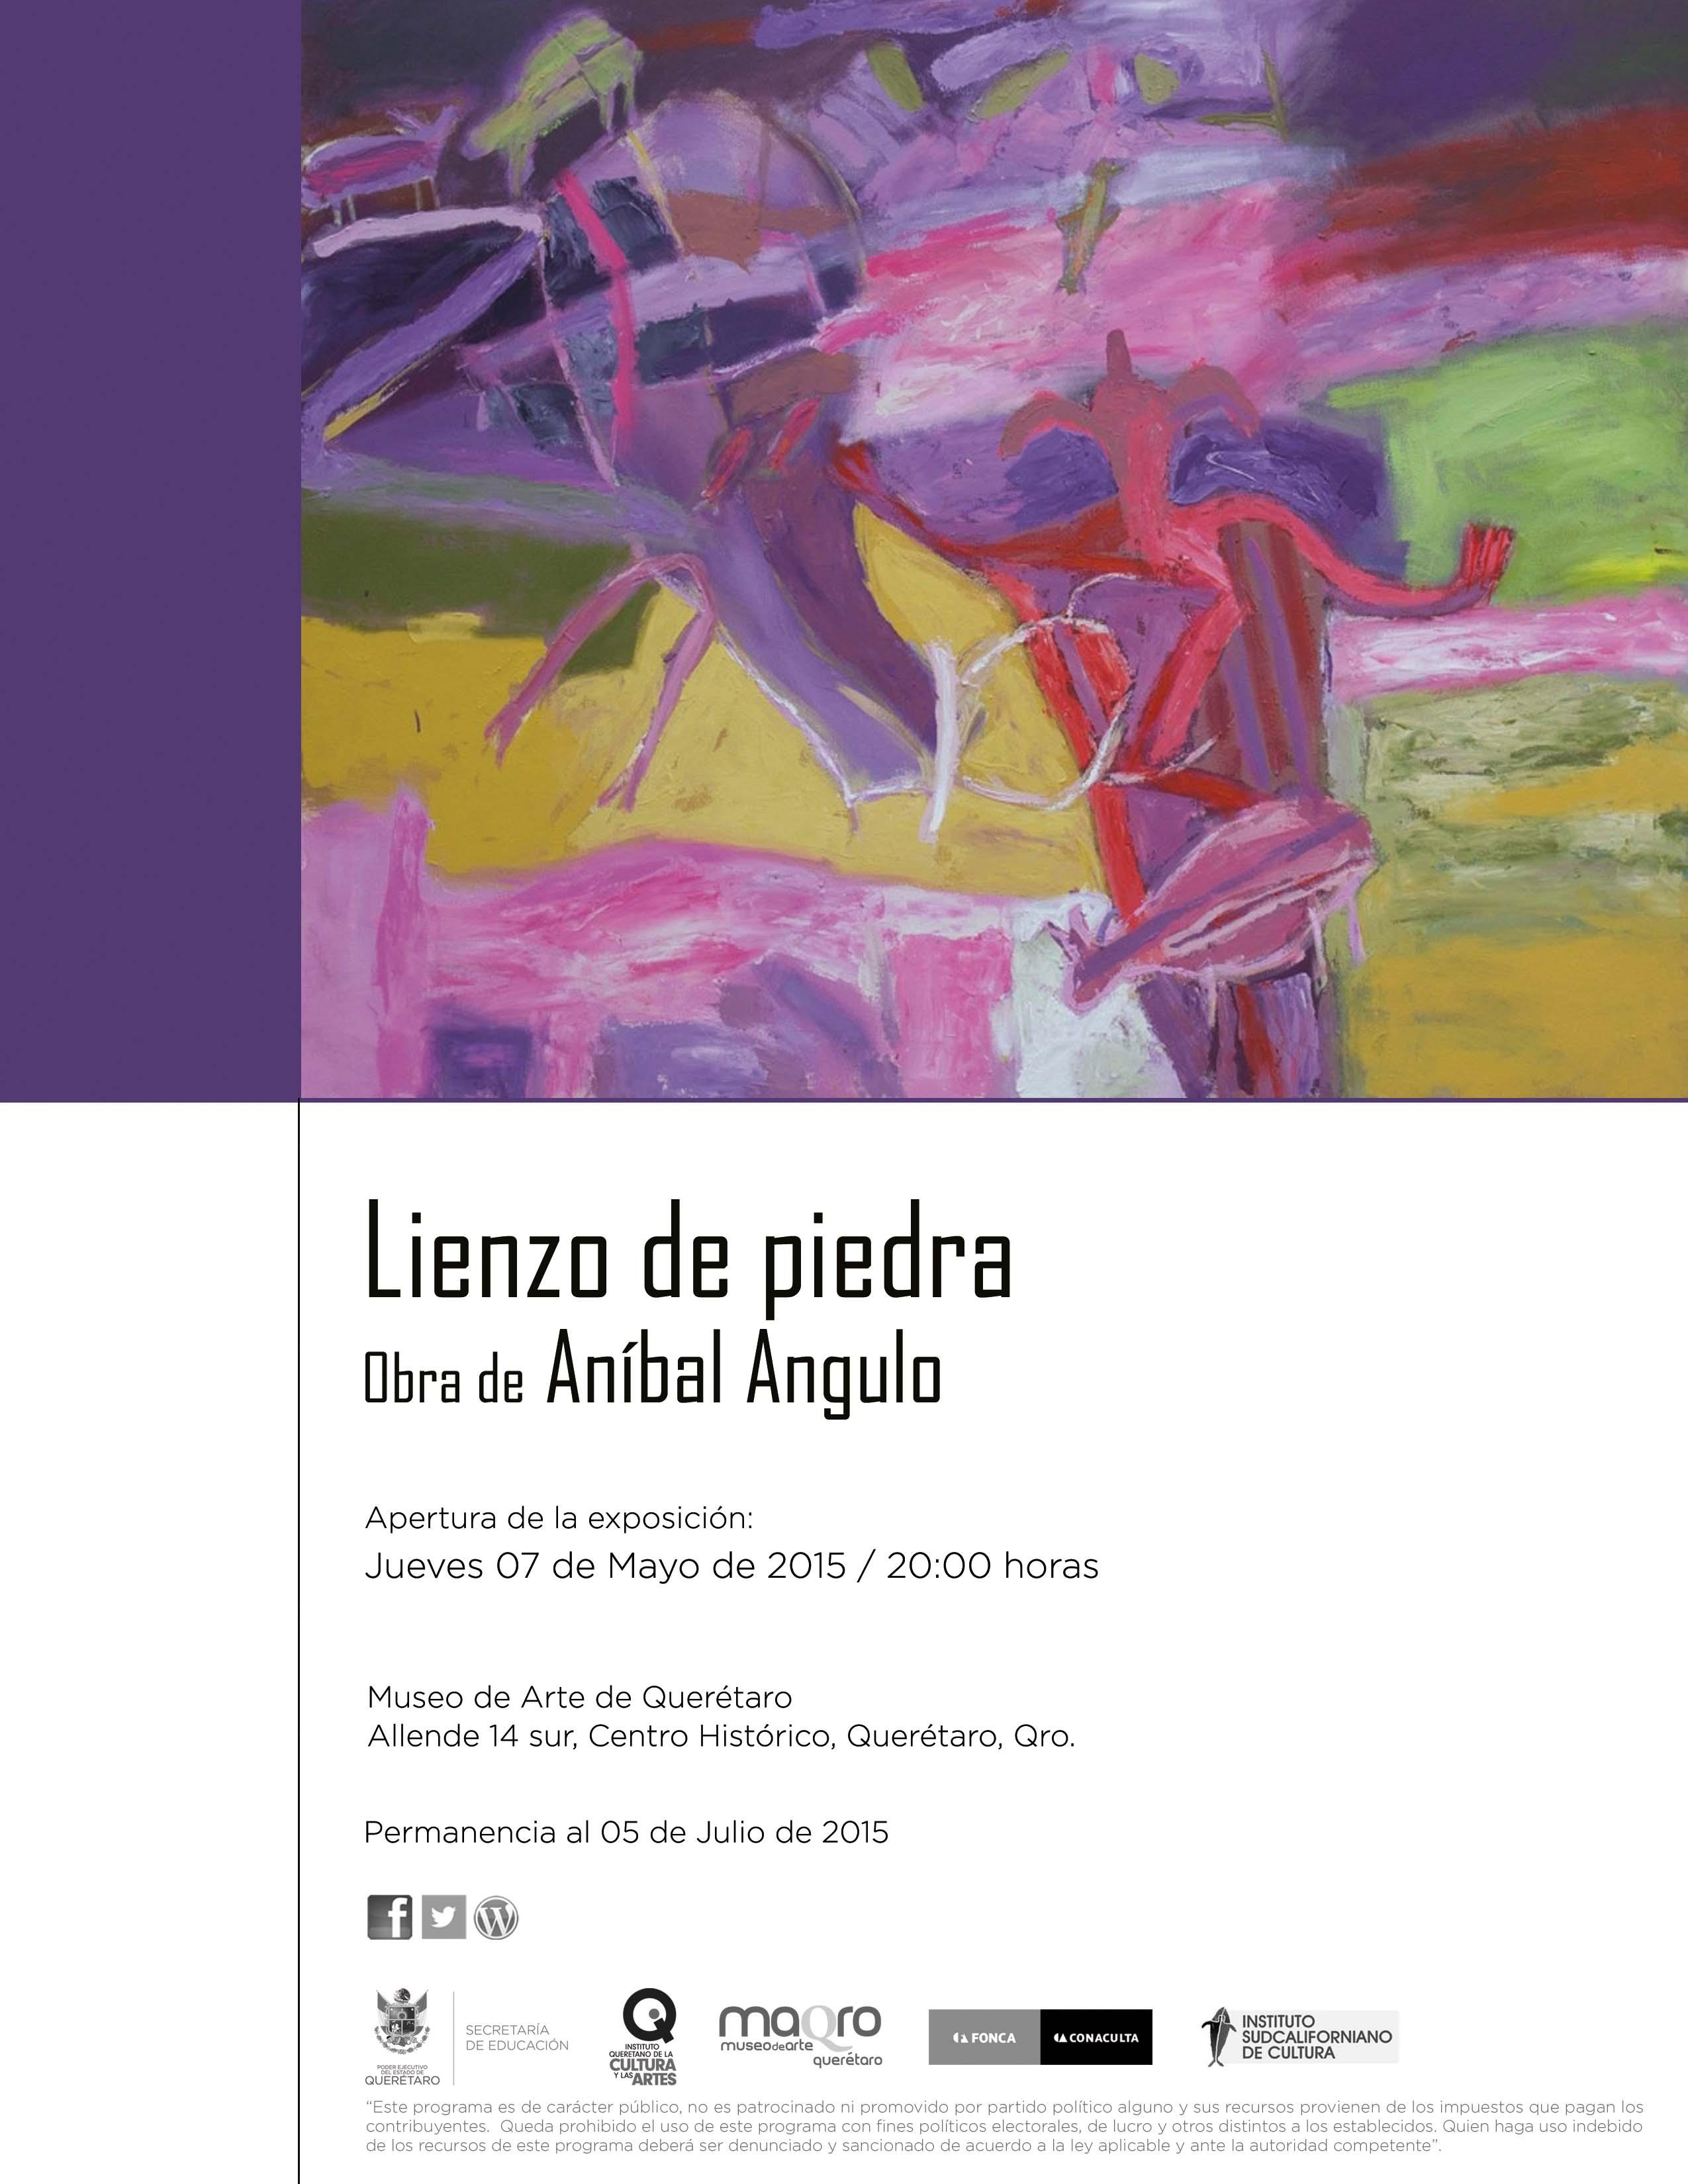 """""""Lienzo de piedra"""" Obra de Aníbal Angulo en el MAQRO"""